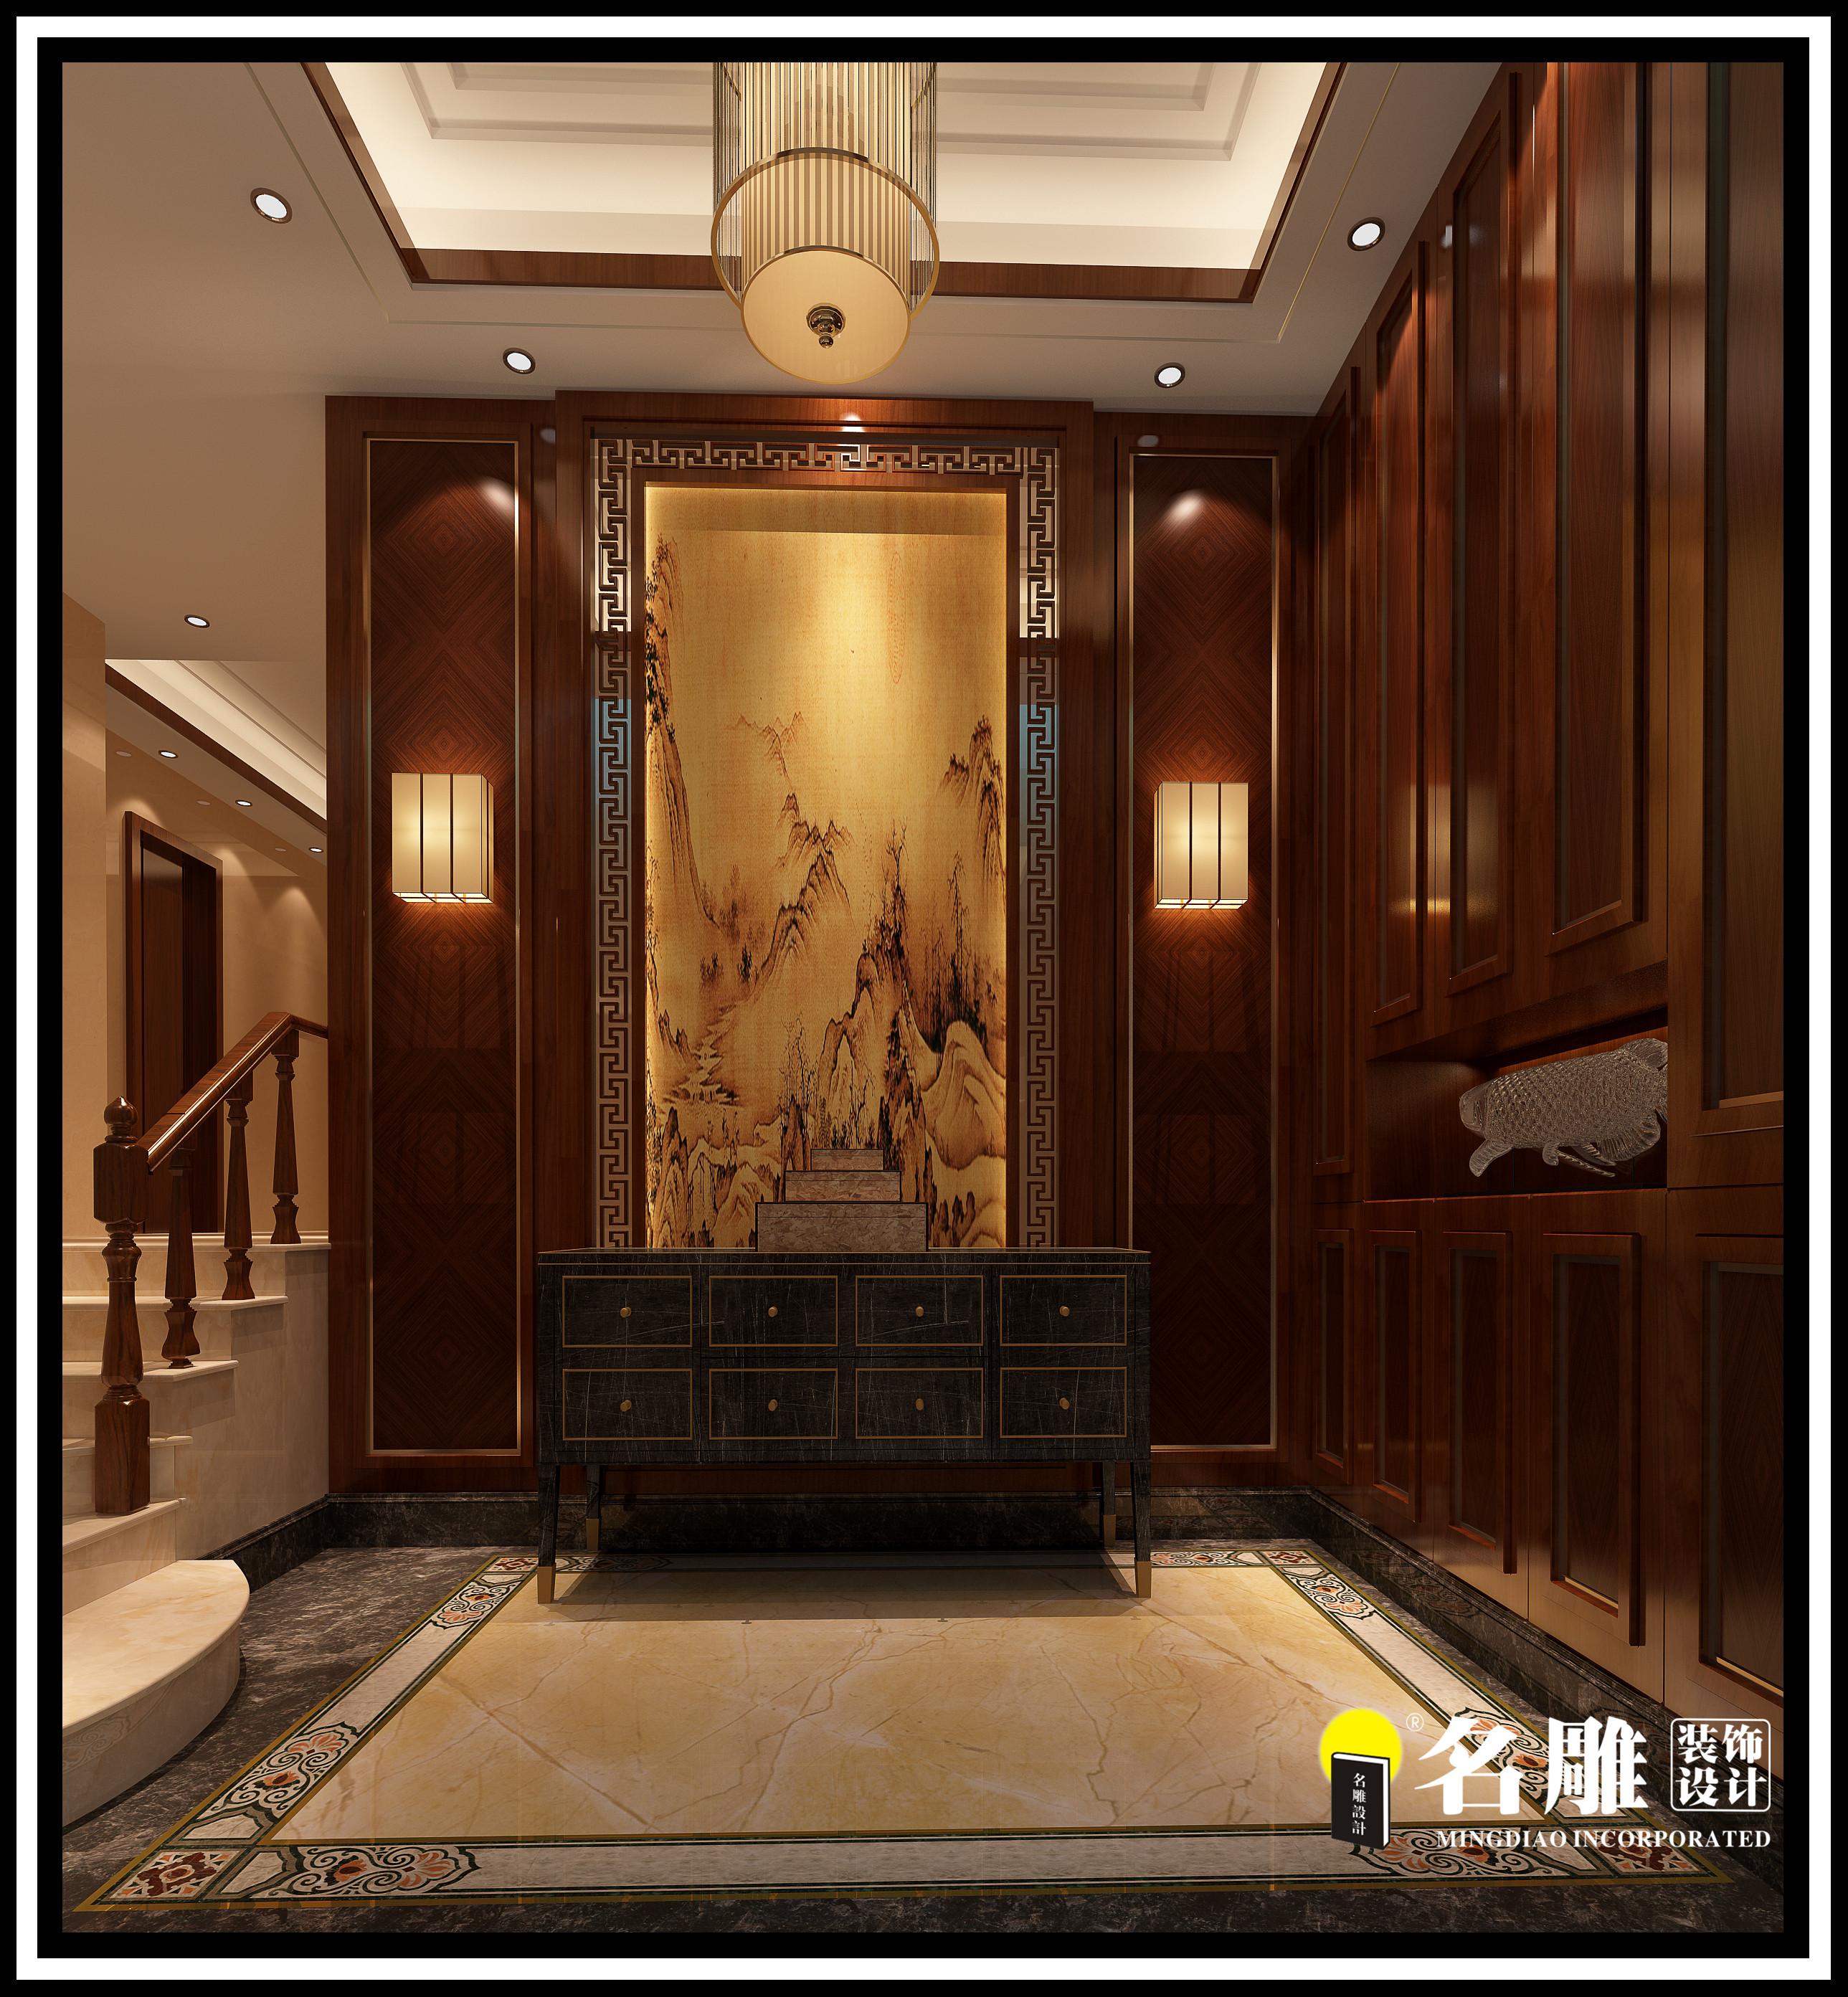 中式 四居室 安宁 祥和感 自然、清新 玄关图片来自名雕装饰长沙分公司在湘江豪庭中式四居室的分享